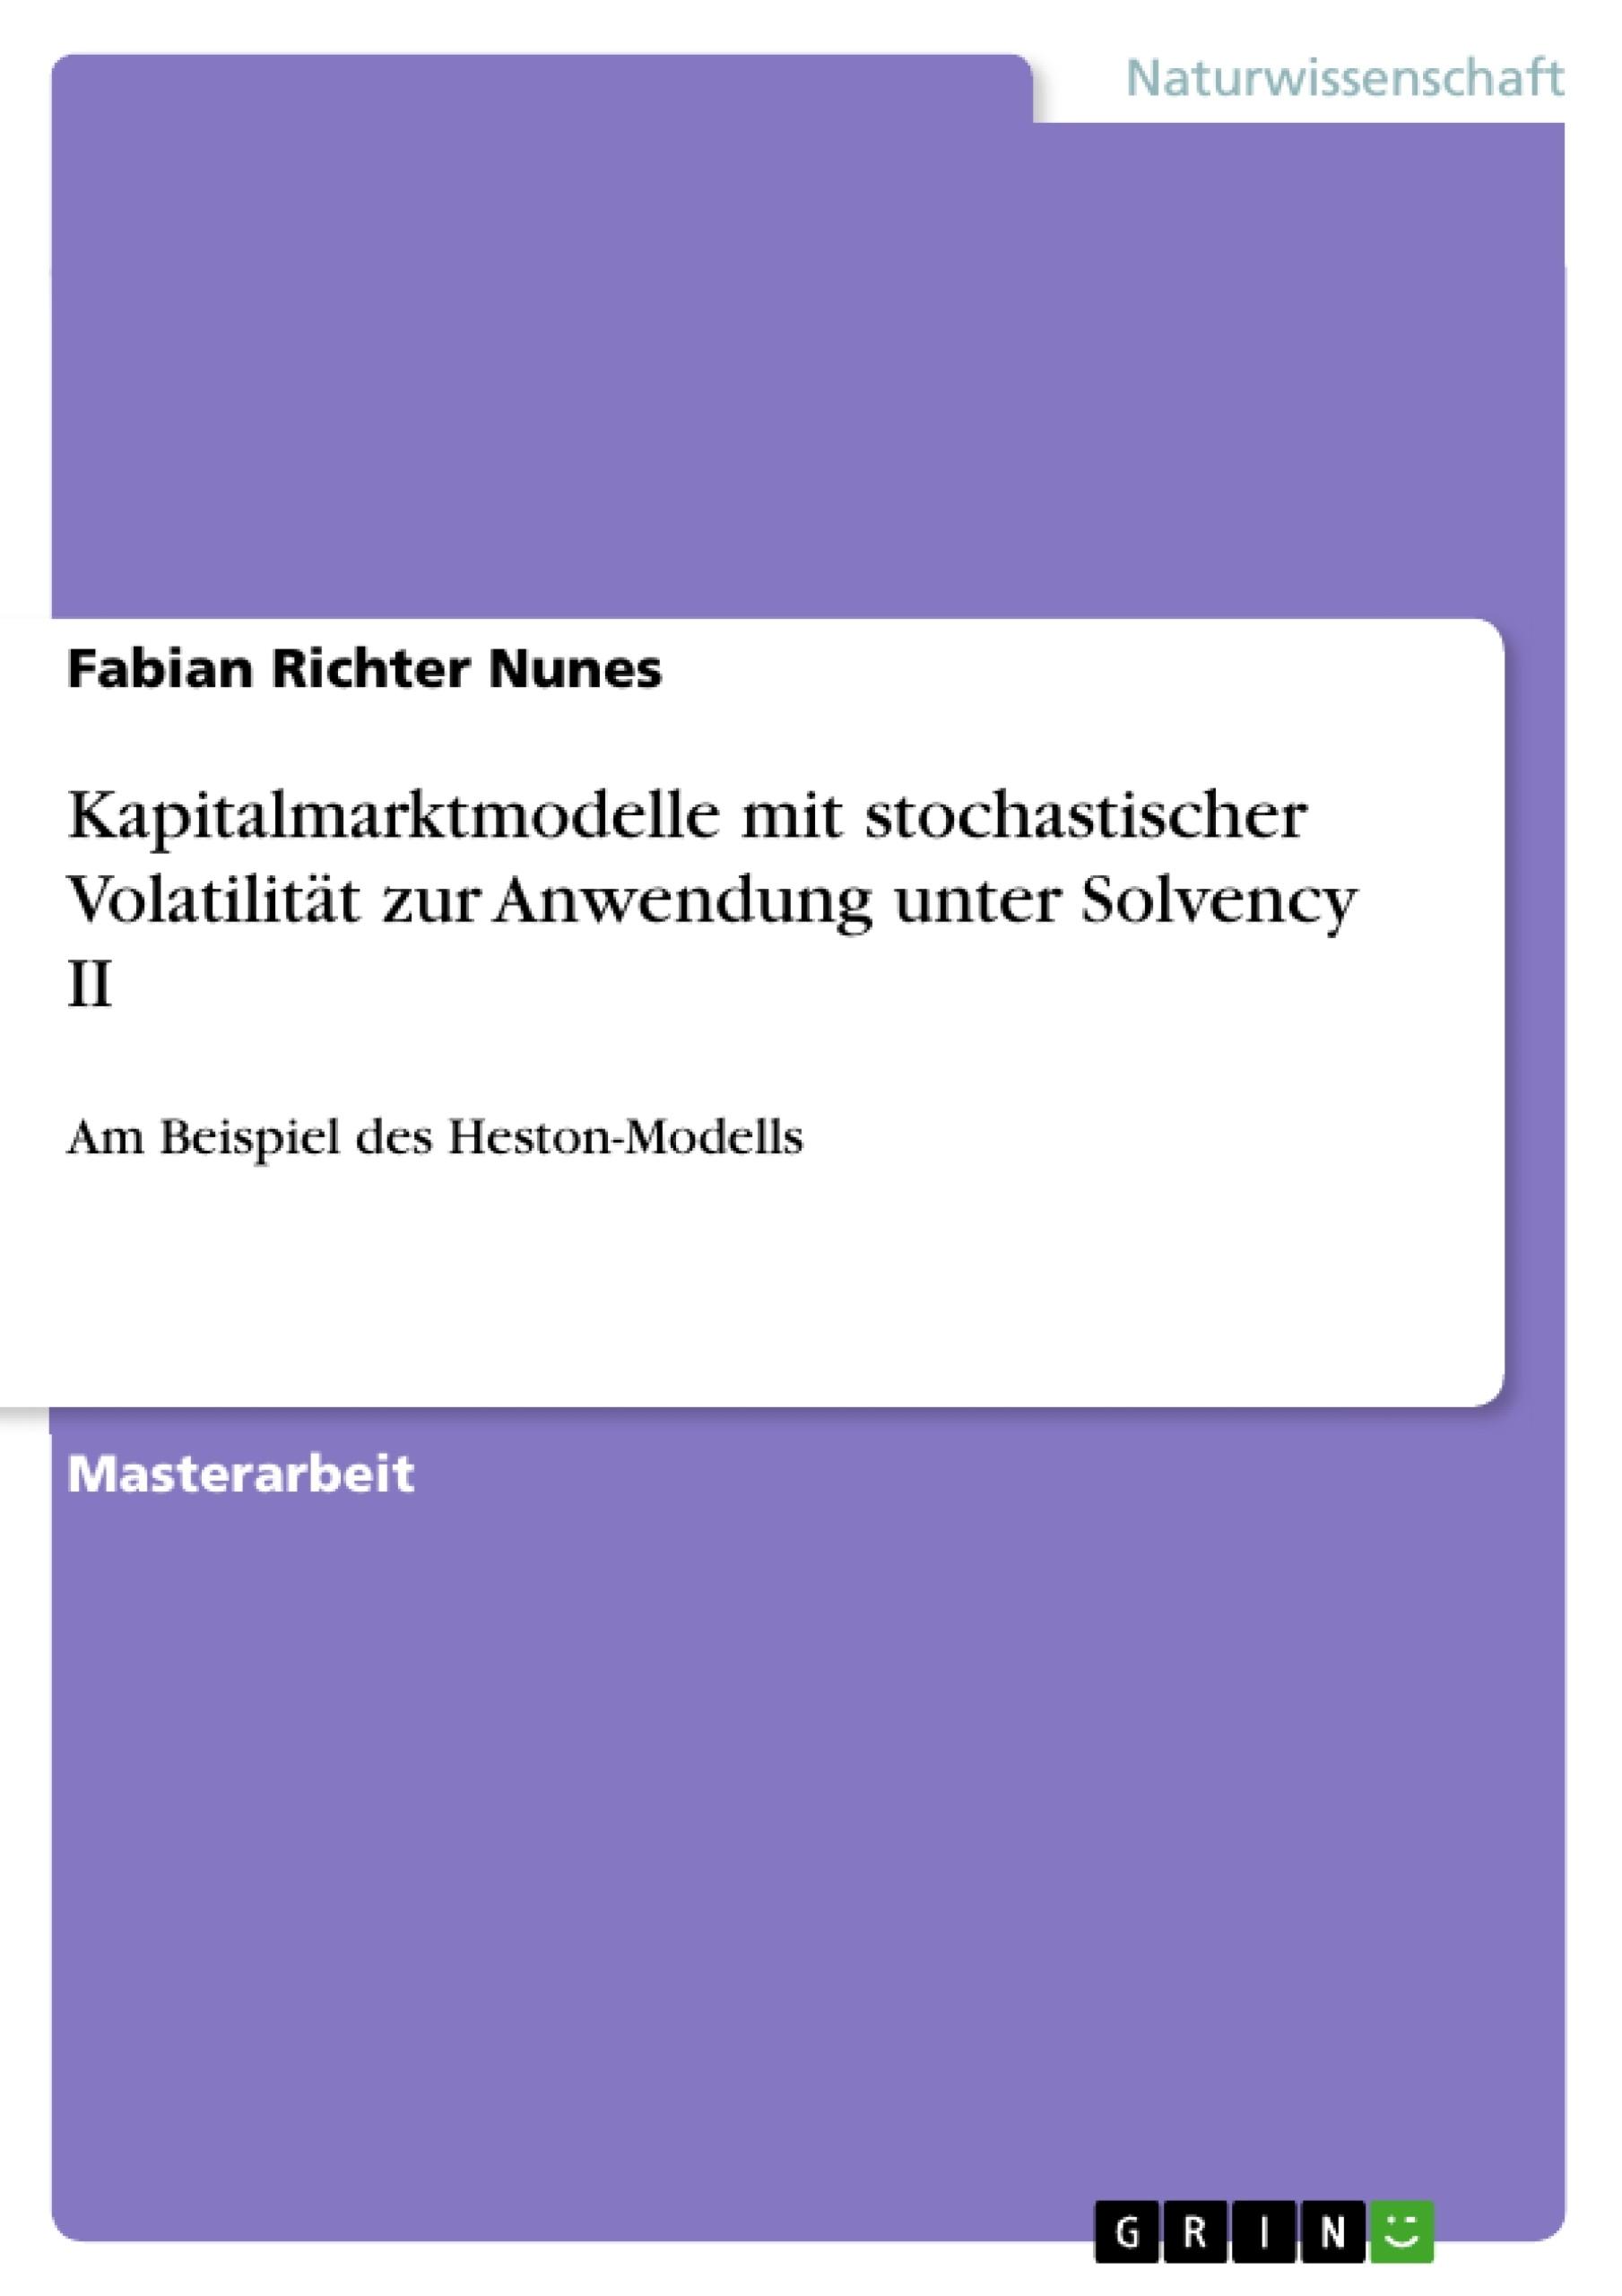 Titel: Kapitalmarktmodelle mit stochastischer Volatilität zur Anwendung unter Solvency II